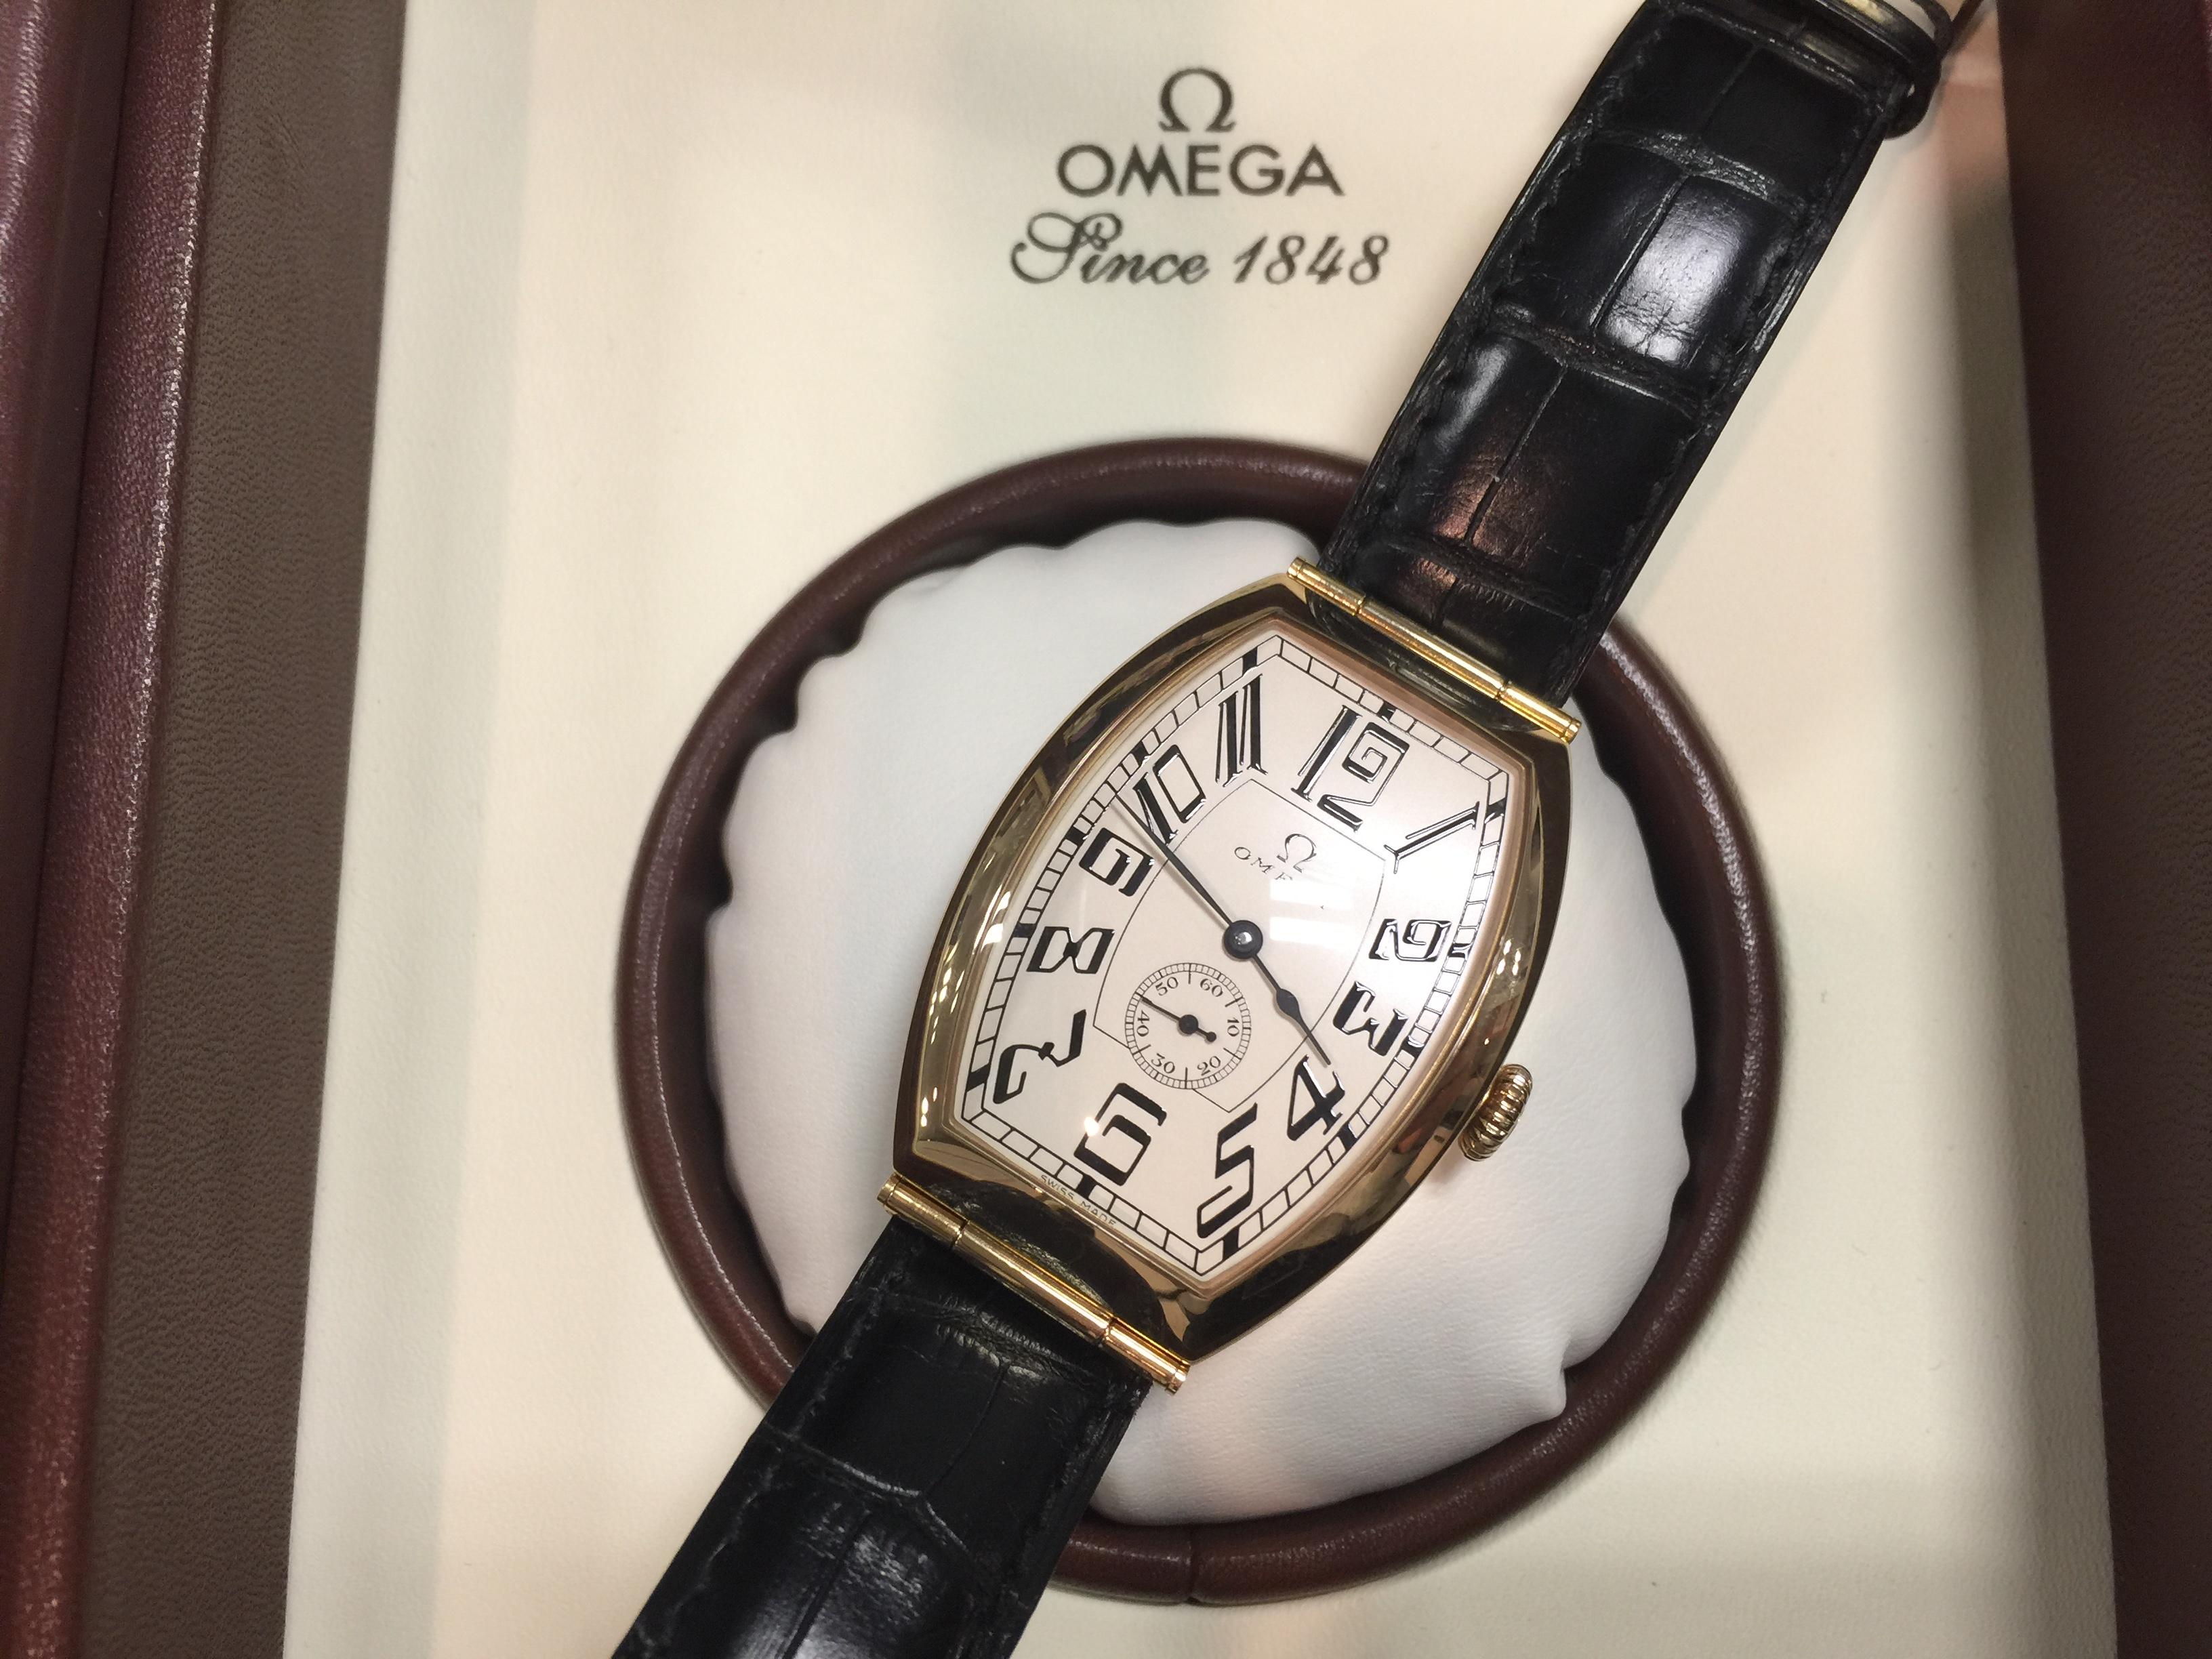 オメガ OMEGA ミュージアムコレクション ペドログラード1950 5703.30.01